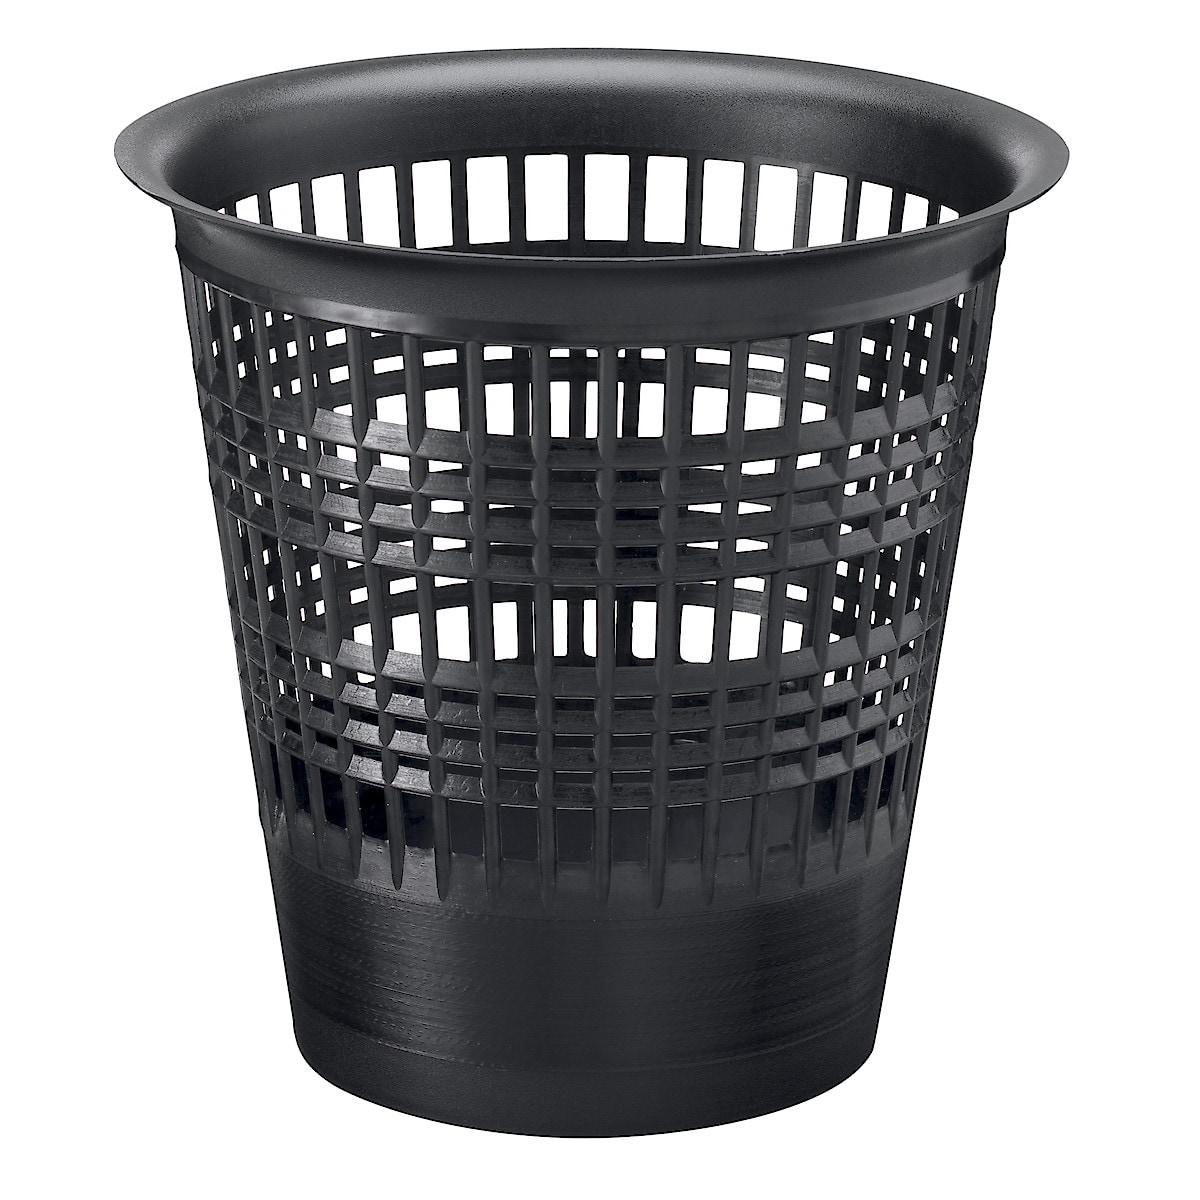 Papperskorg plast, svart